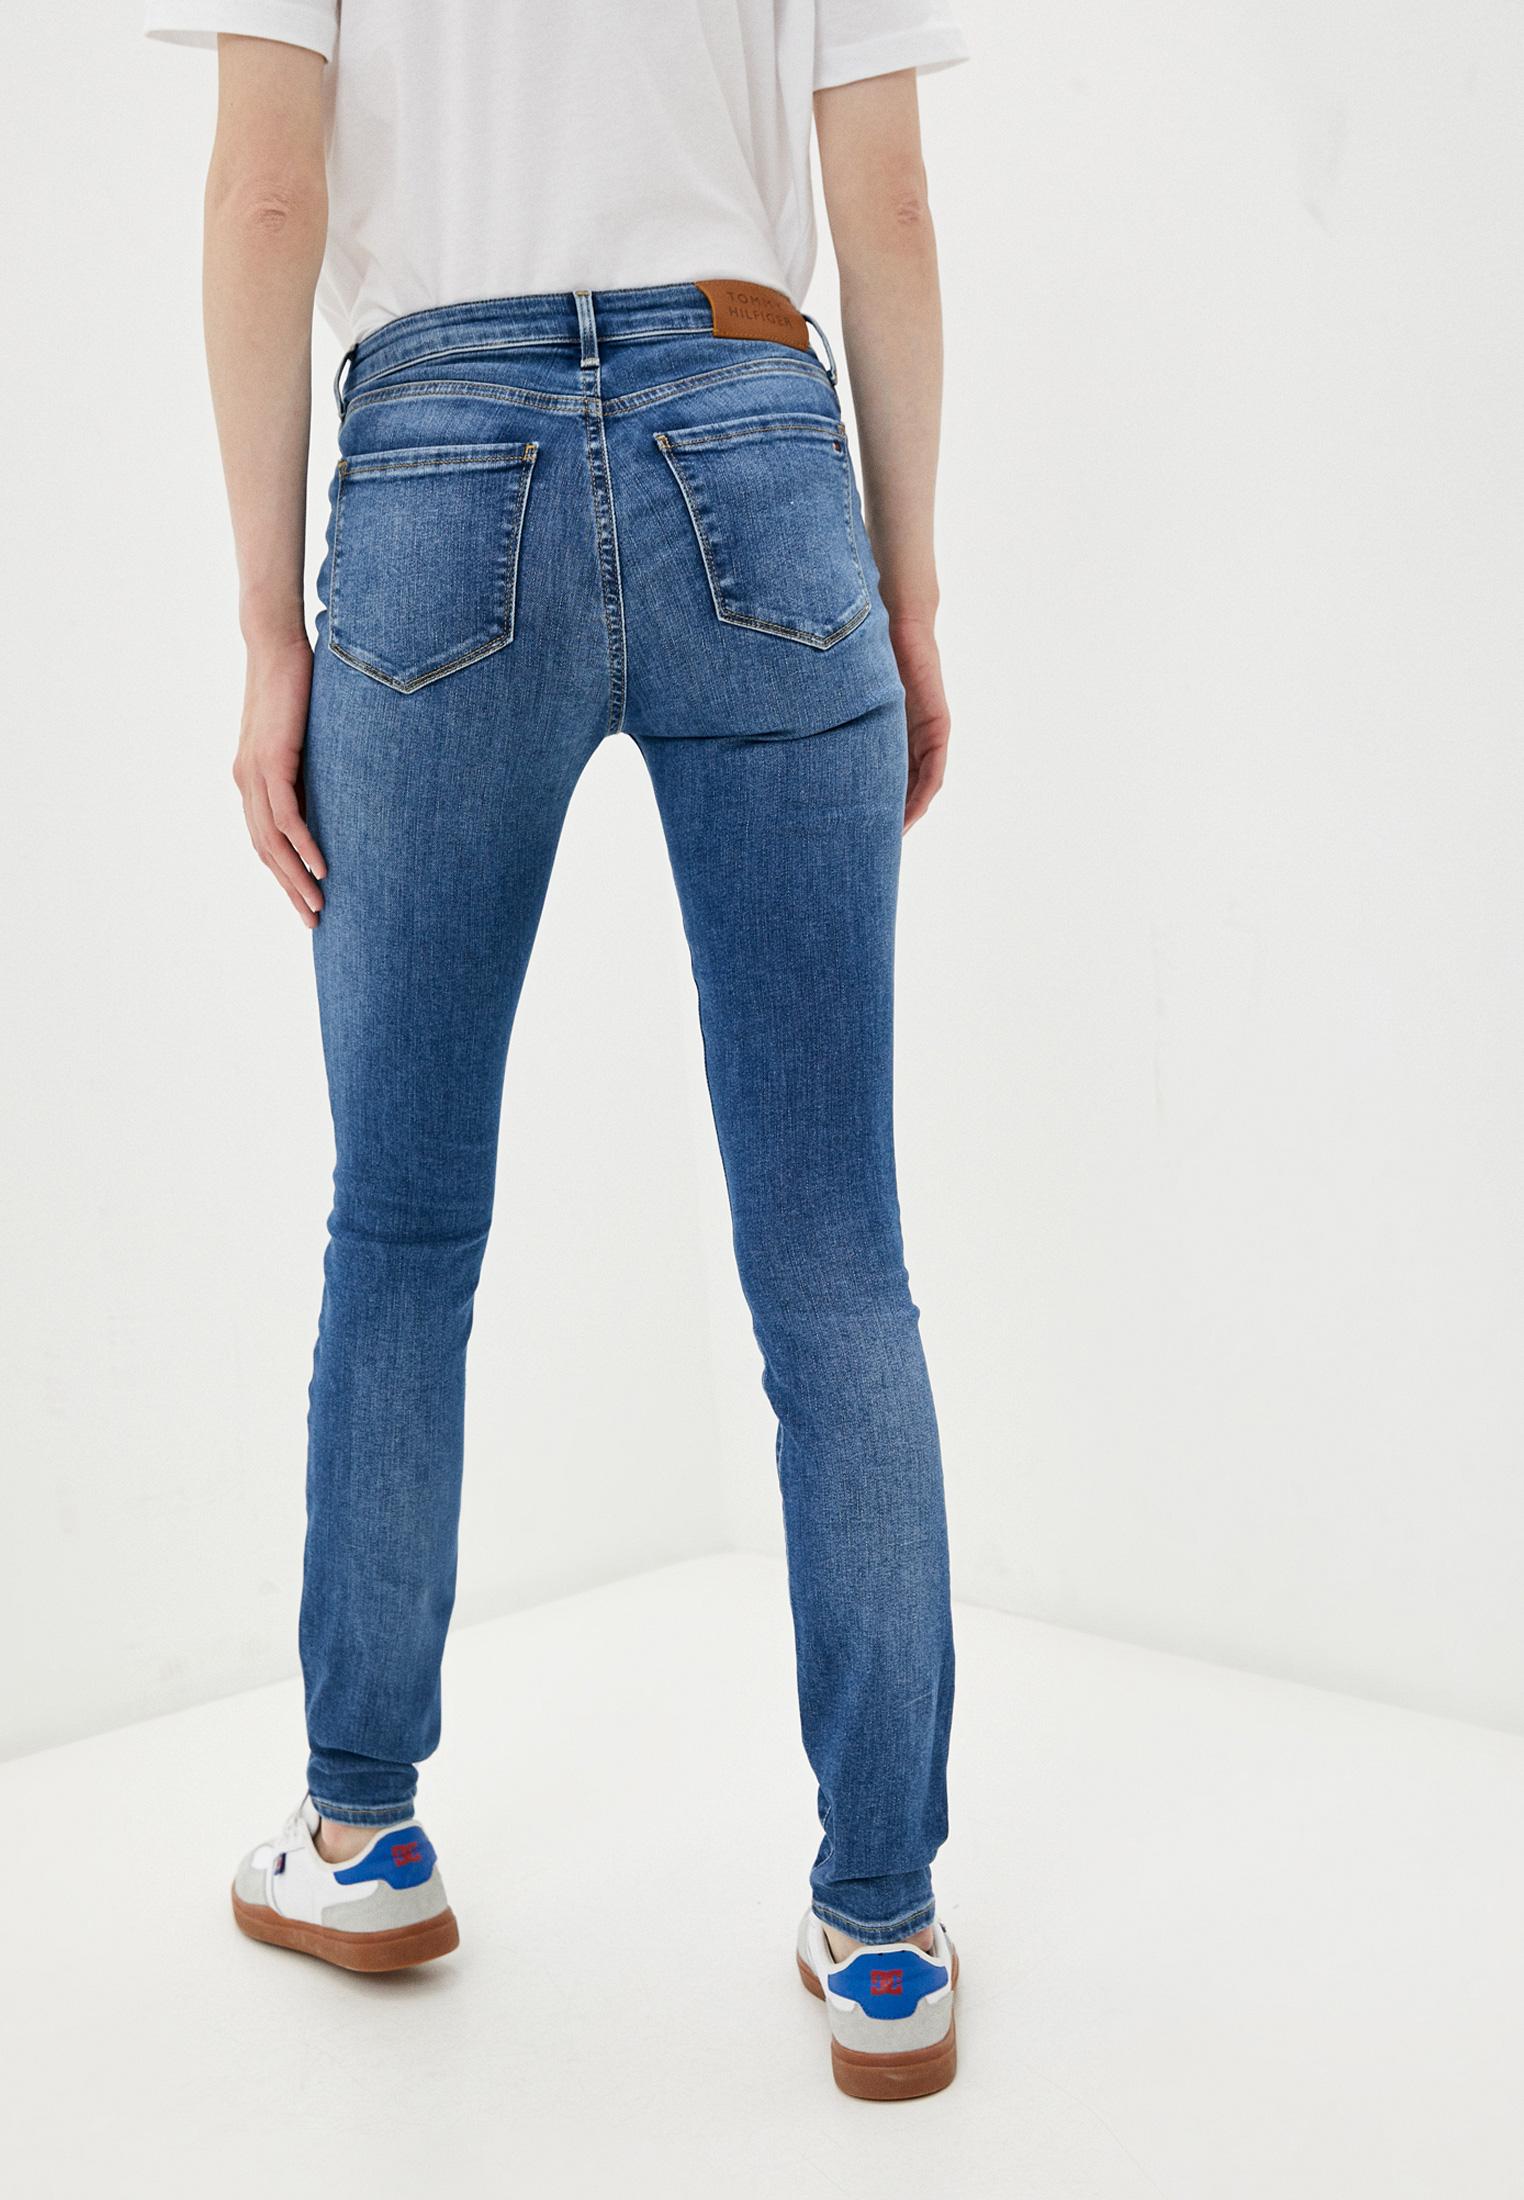 Зауженные джинсы Tommy Hilfiger (Томми Хилфигер) WW0WW30195: изображение 3